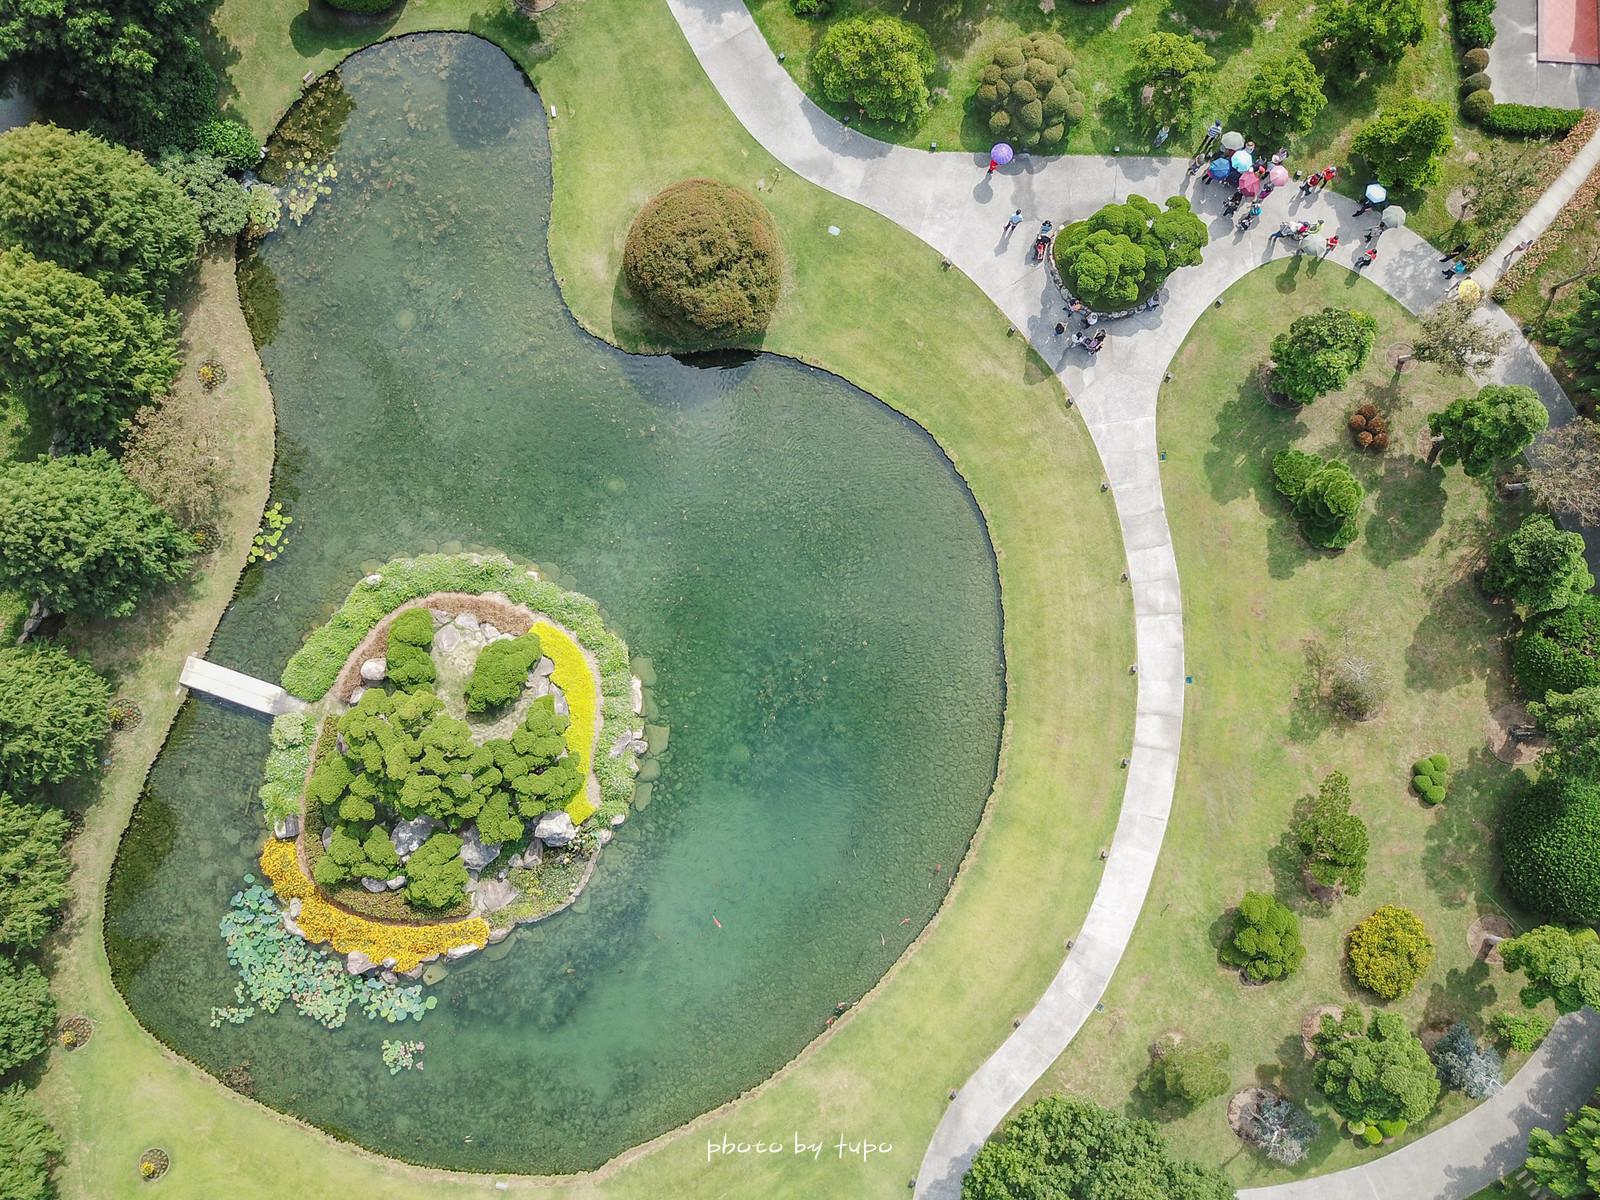 彰化景點》成美文化園2.0,佔地3.5公頃台版兼六園、平地版嘉明湖、落雨松大道、成美公堂ㄎ一ㄤˇ、浪漫紙傘區、落雨松大道讓人拍不停!